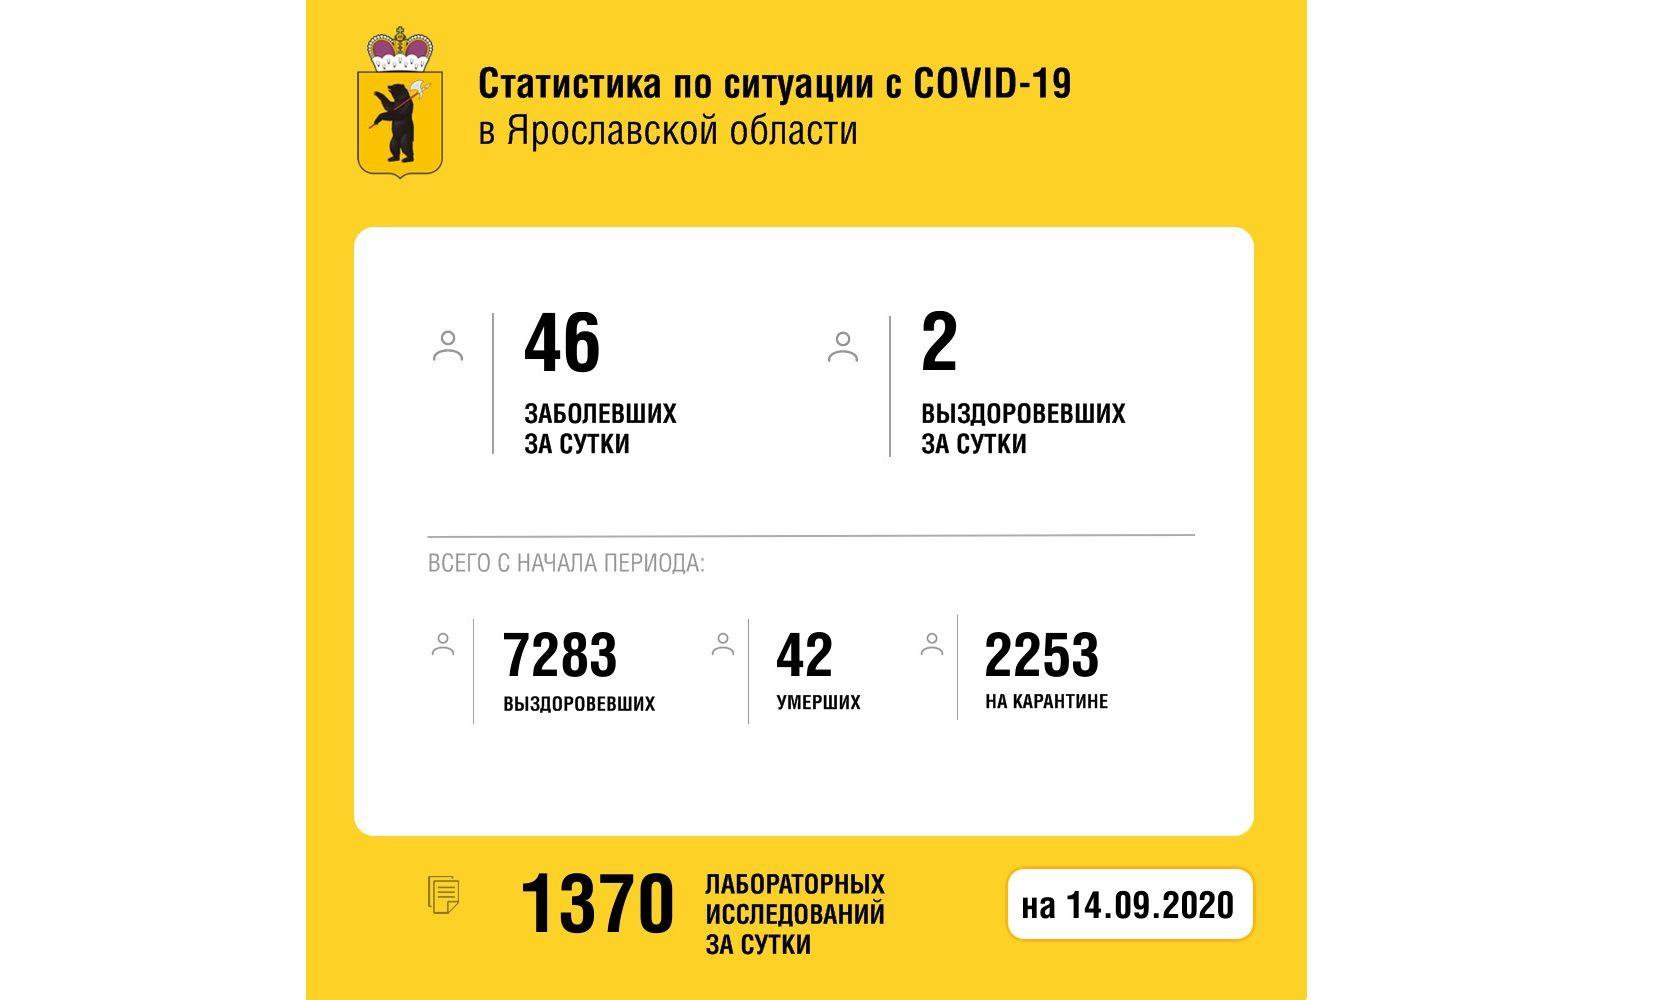 Еще два жителя Ярославской области вылечились от коронавируса